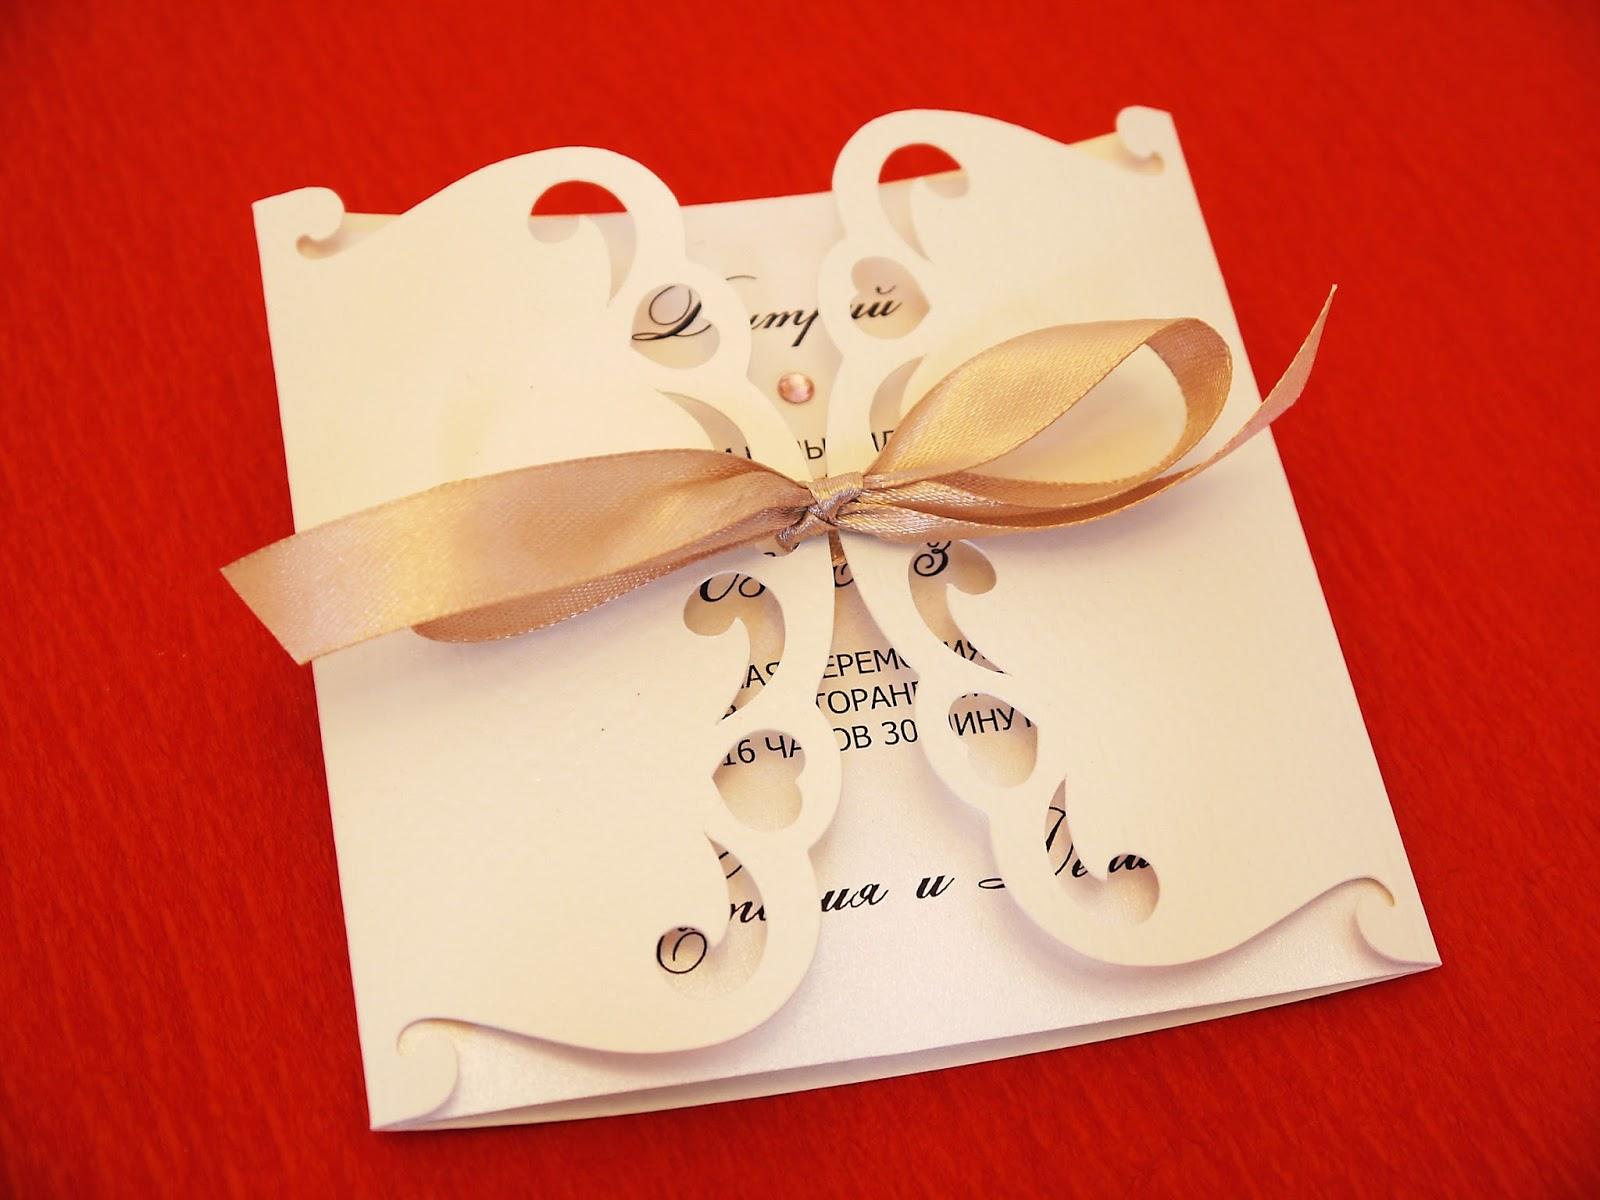 Необычные приглашения на свадьбу: как сделать своими руками?